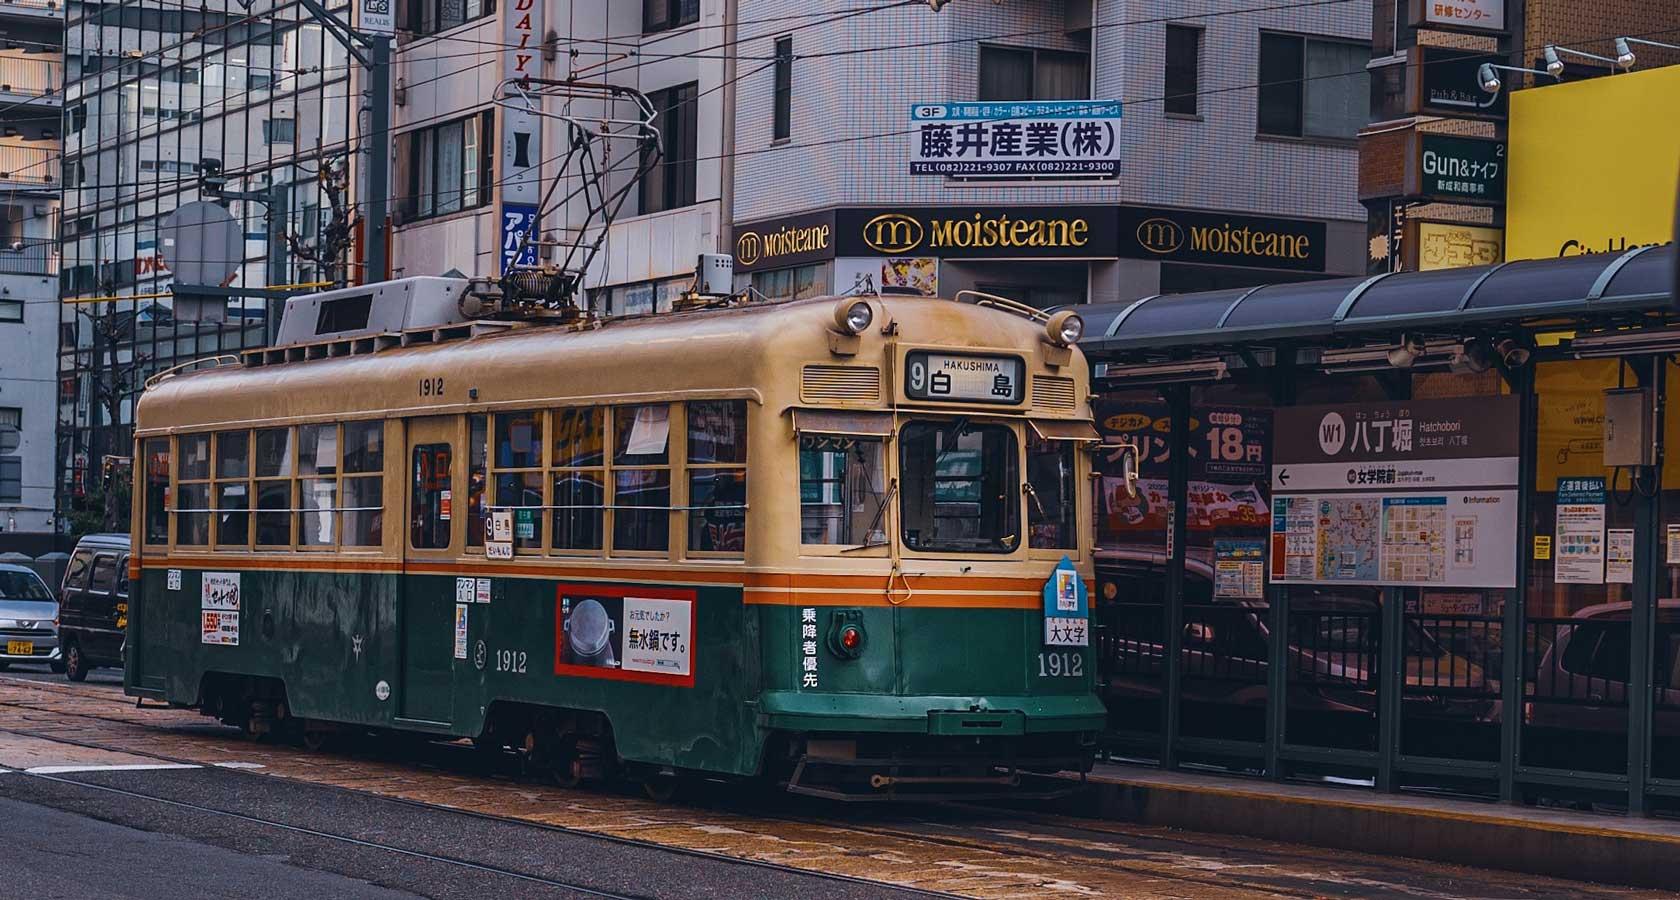 исторический трамвай города хиросима япония